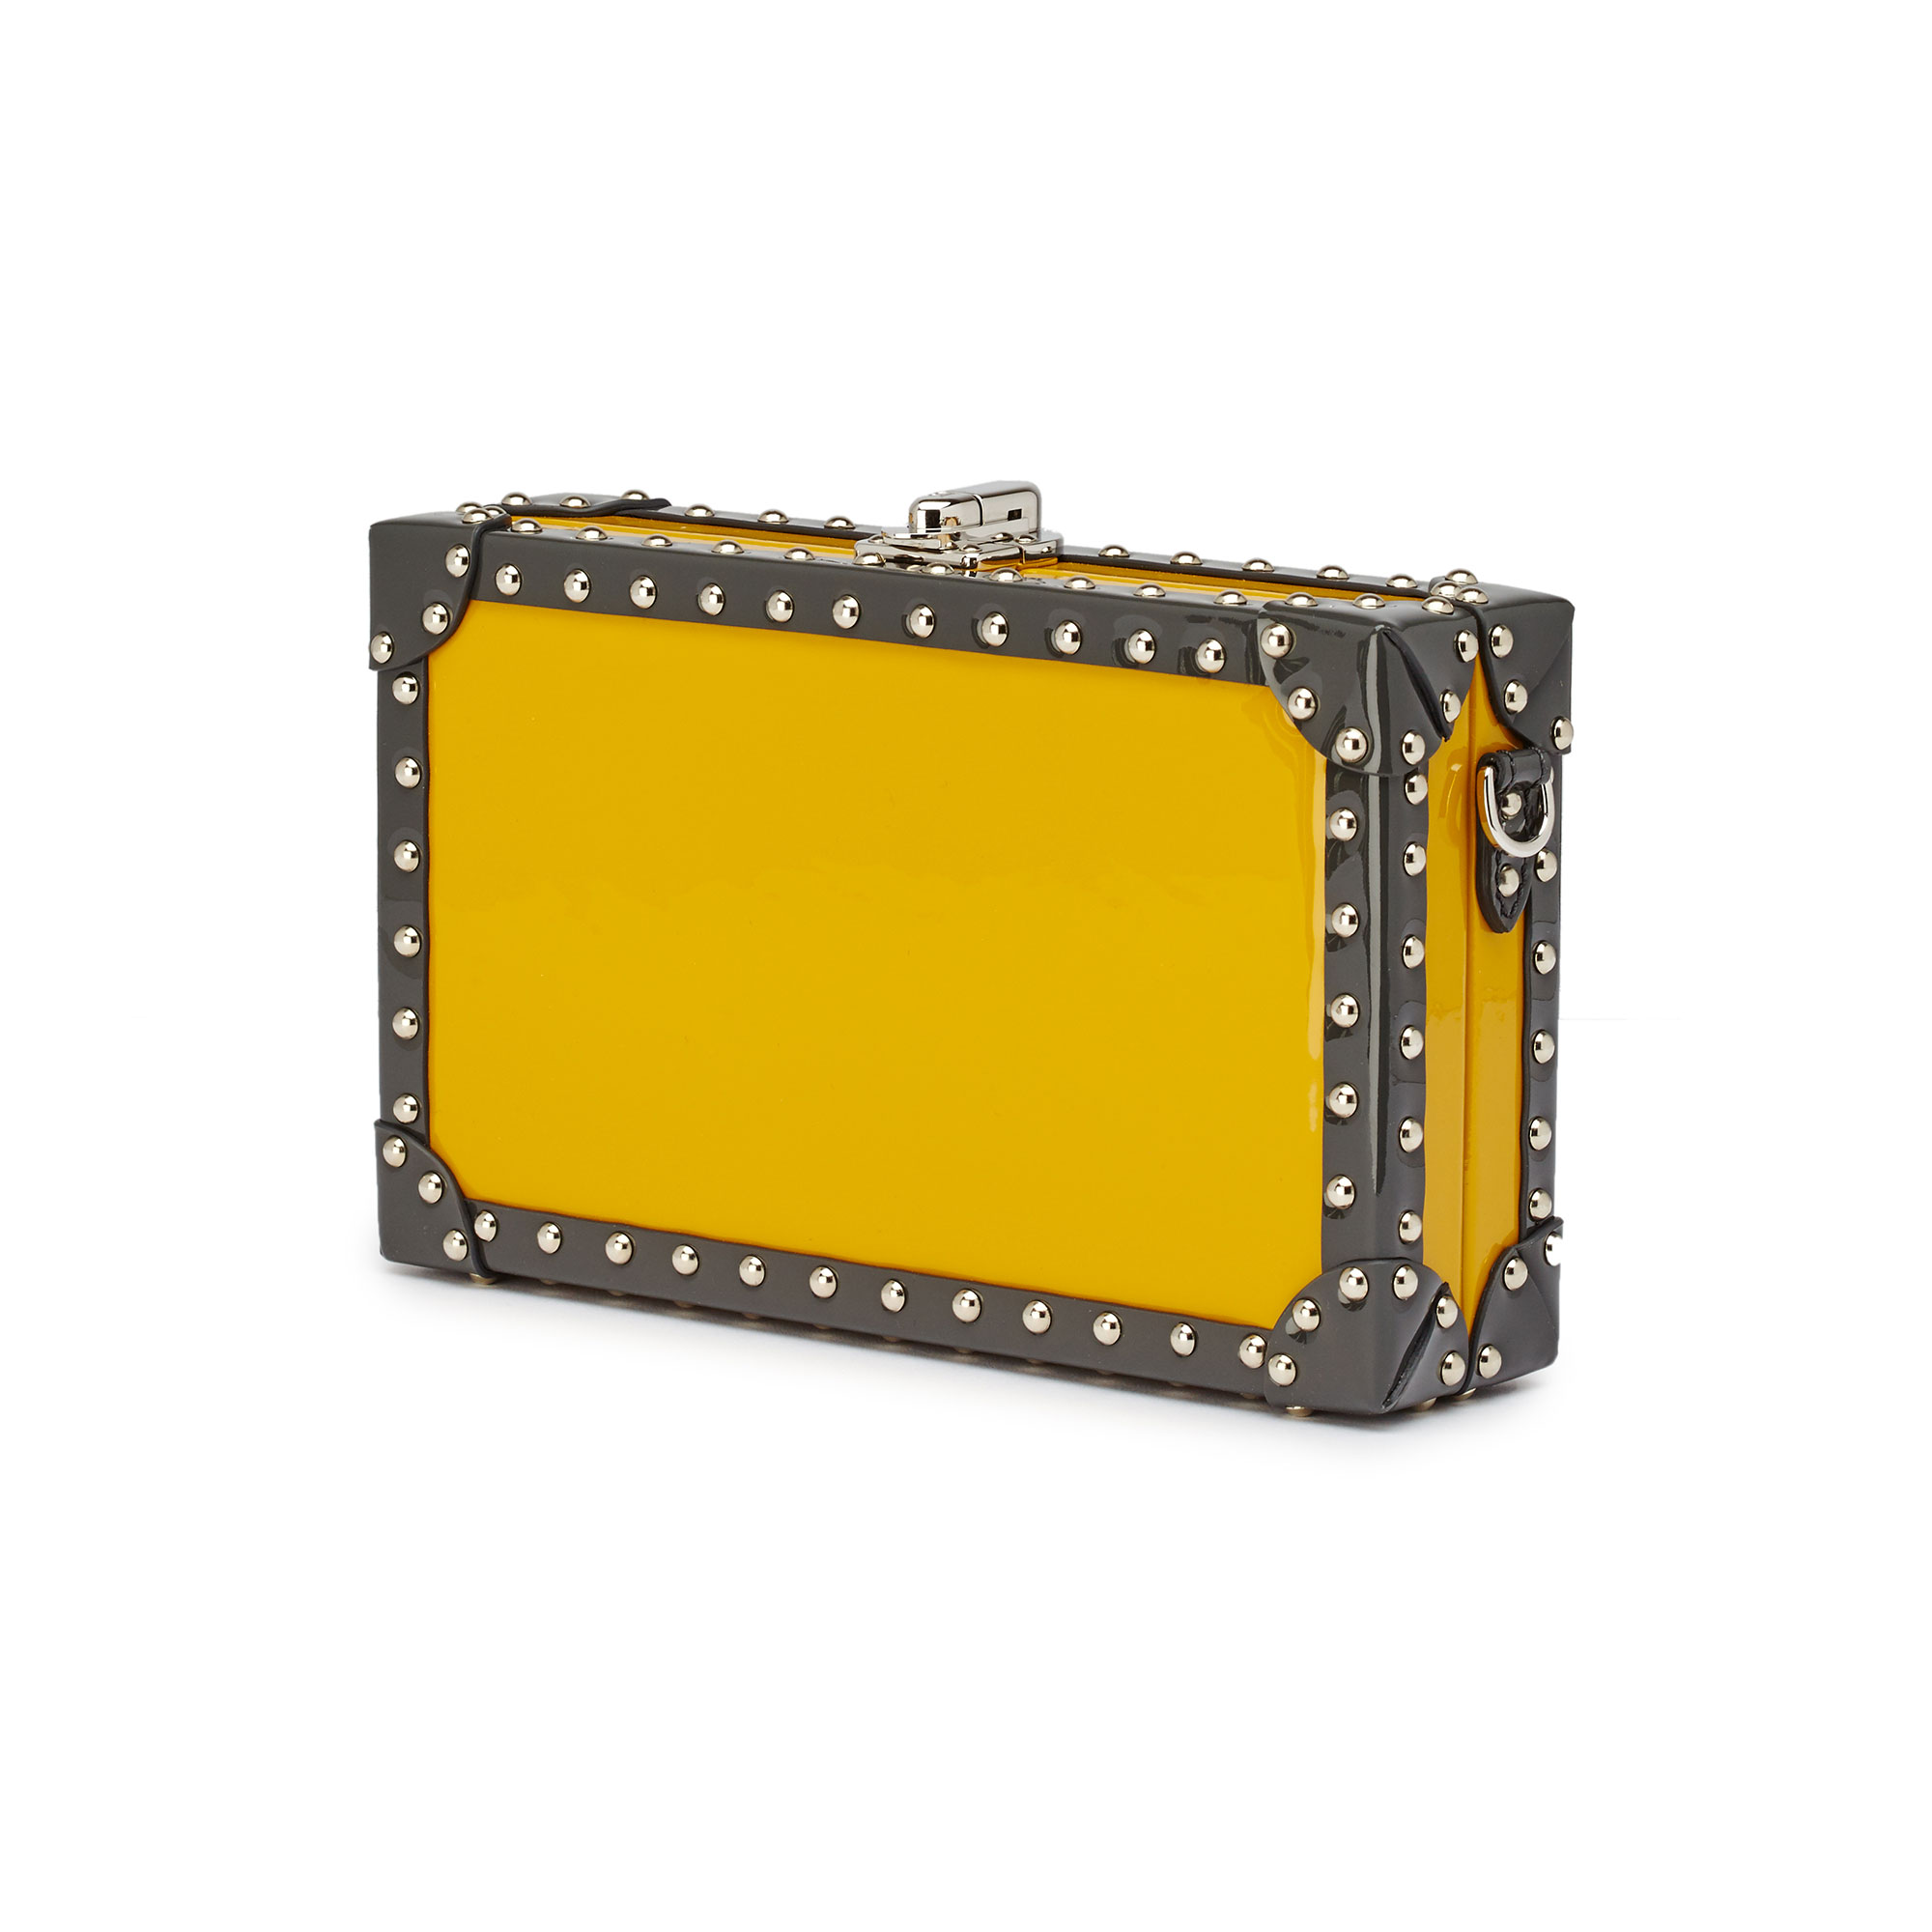 Box-Bertoncina-mustard-patent-leather-bag-Bertoni-1949_02